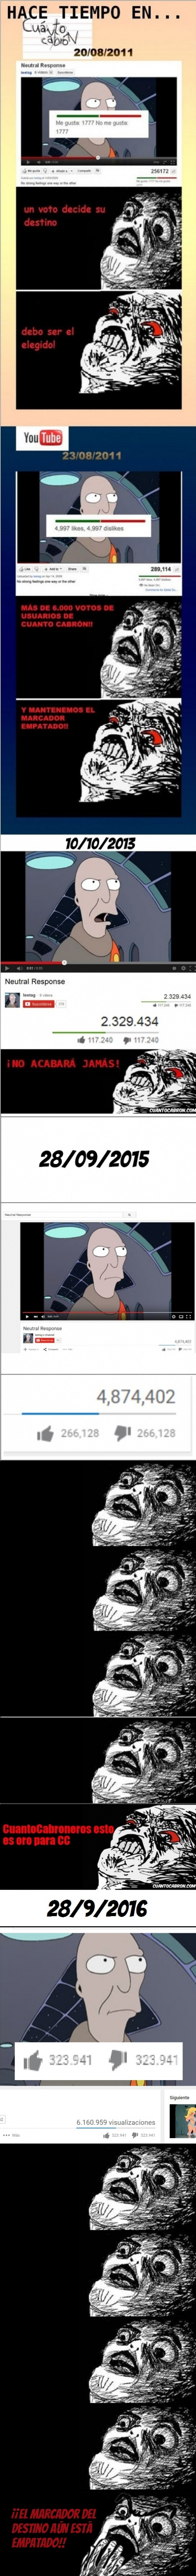 Inglip - ¿Te acuerdas del MÍTICO vídeo de Youtube que mantenía el balance del Universo?